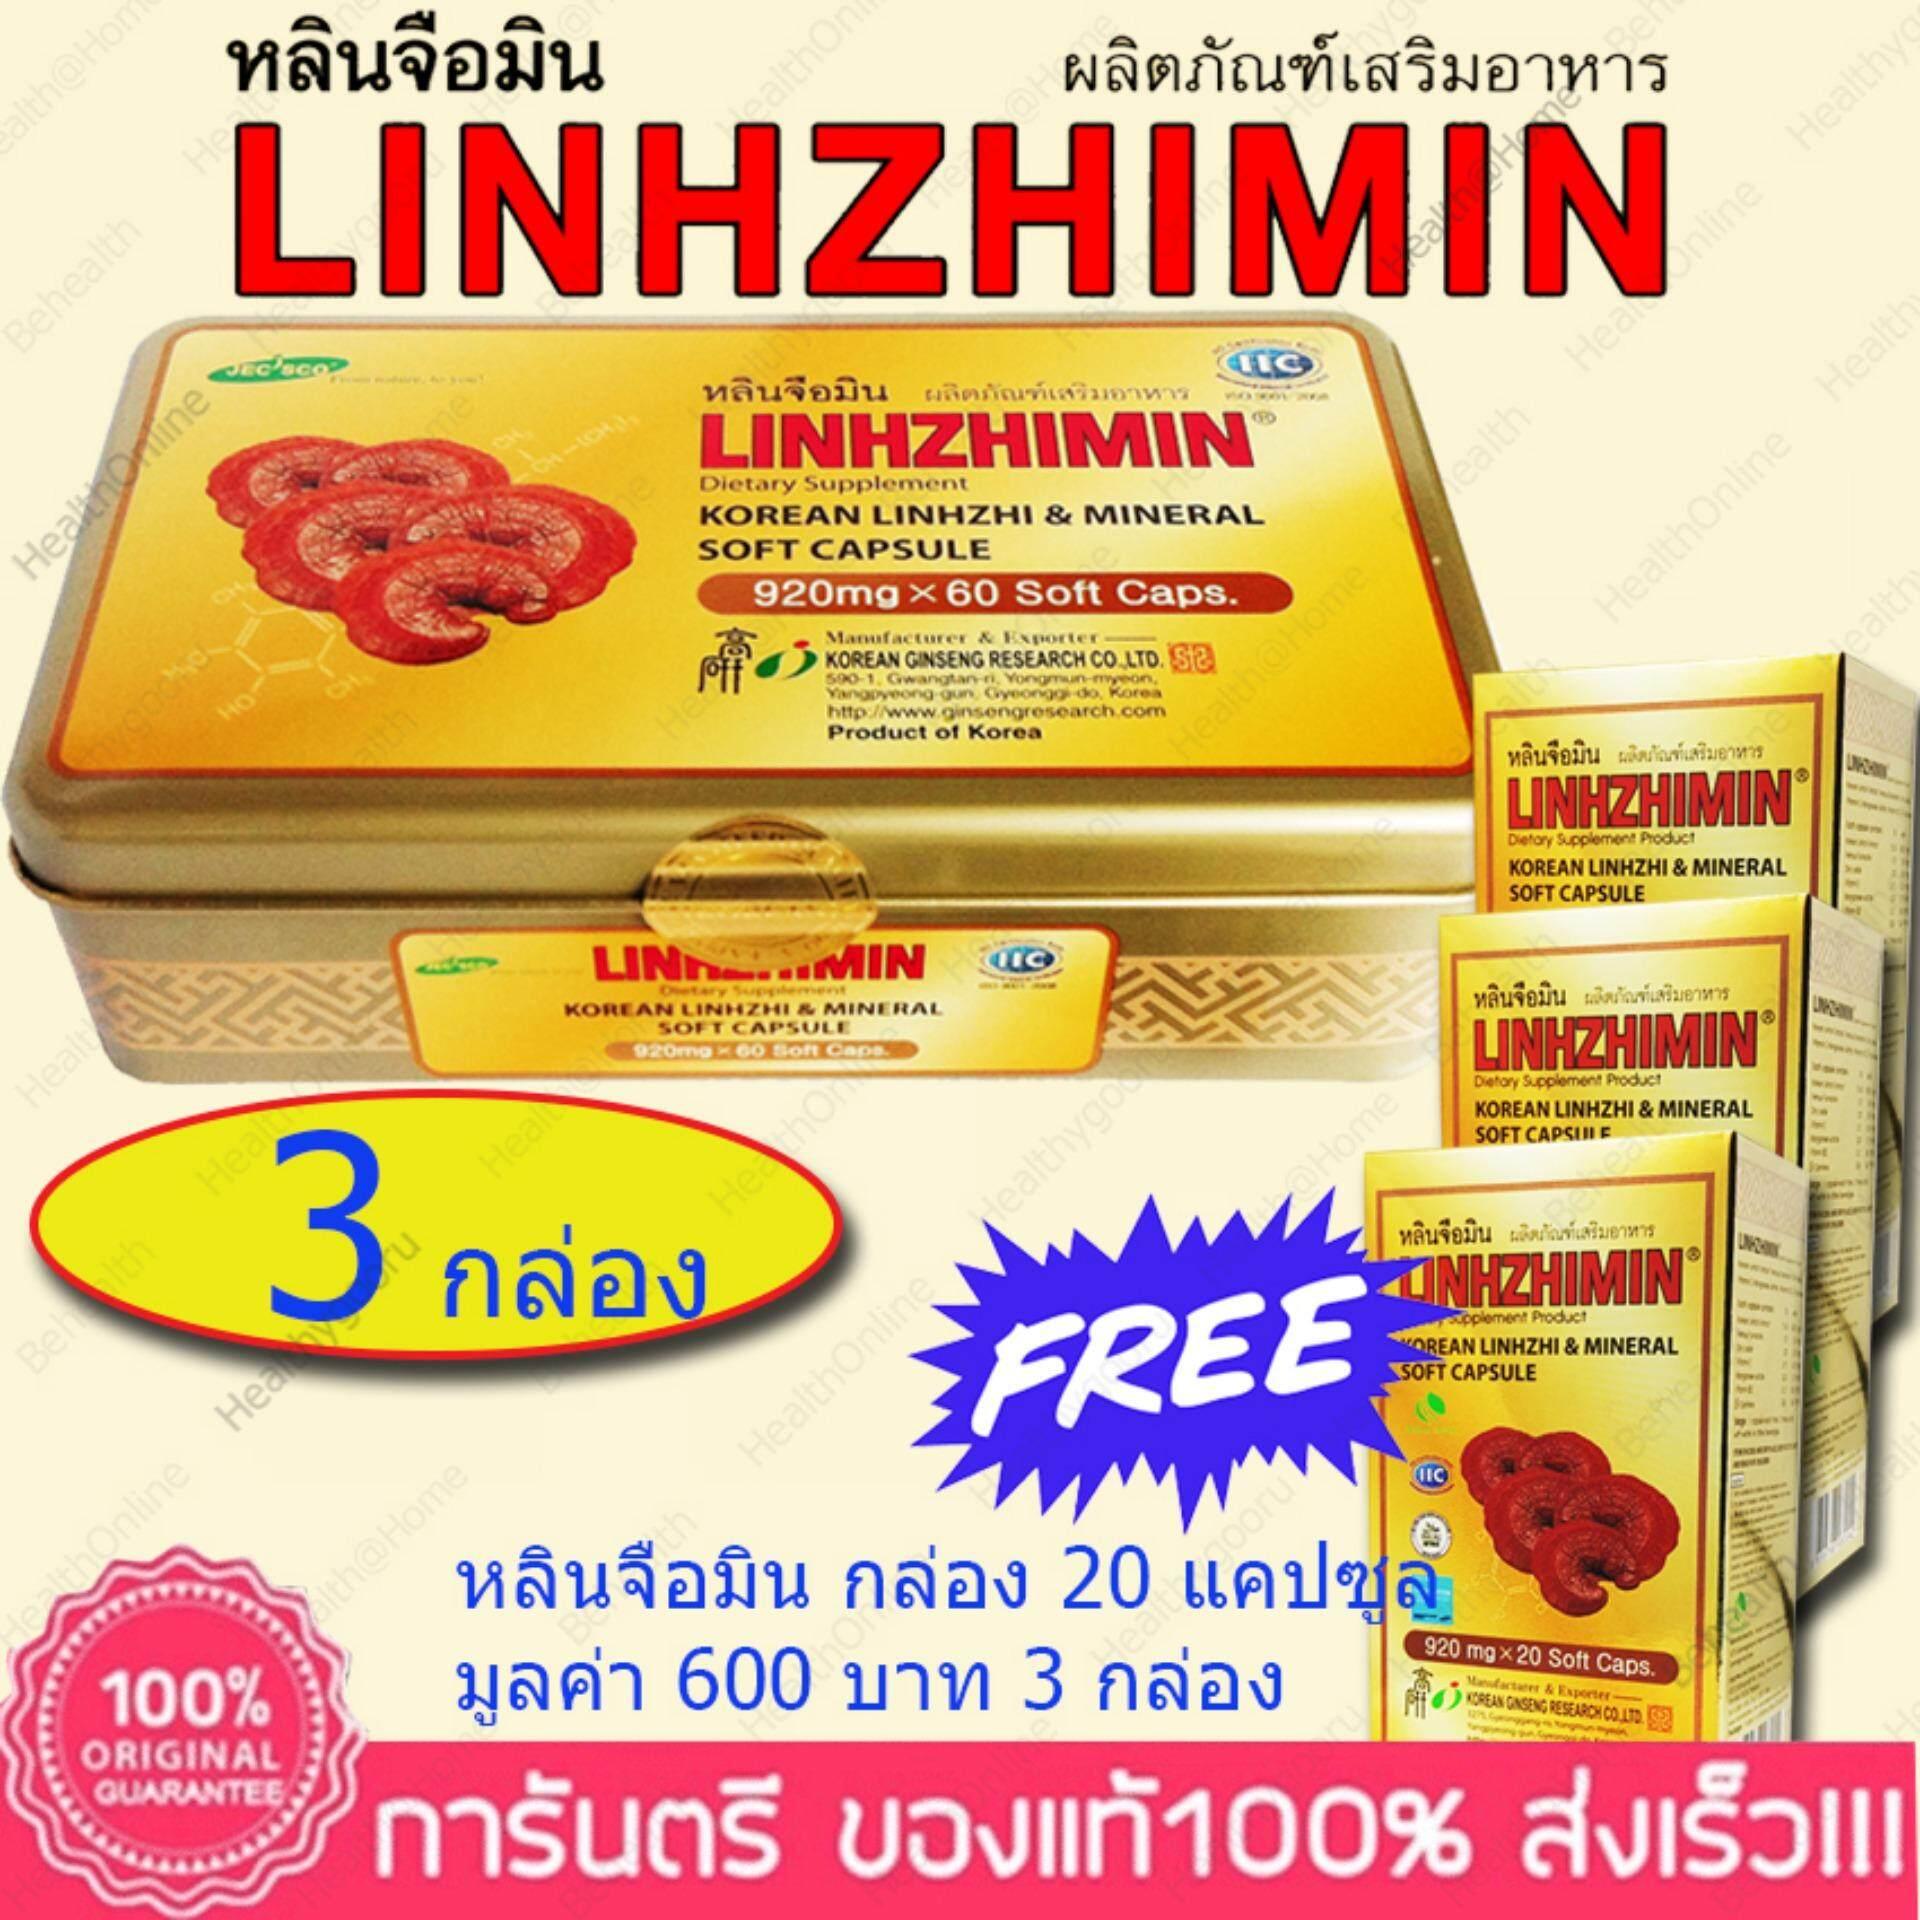 ราคา Linhzhimin หลินจือมิน 60 Capsule X 3 Box Free Linhzhimin กล่อง 20 แคปซูล 3 กล่อง มูลค่า 1800 บาท กรุงเทพมหานคร